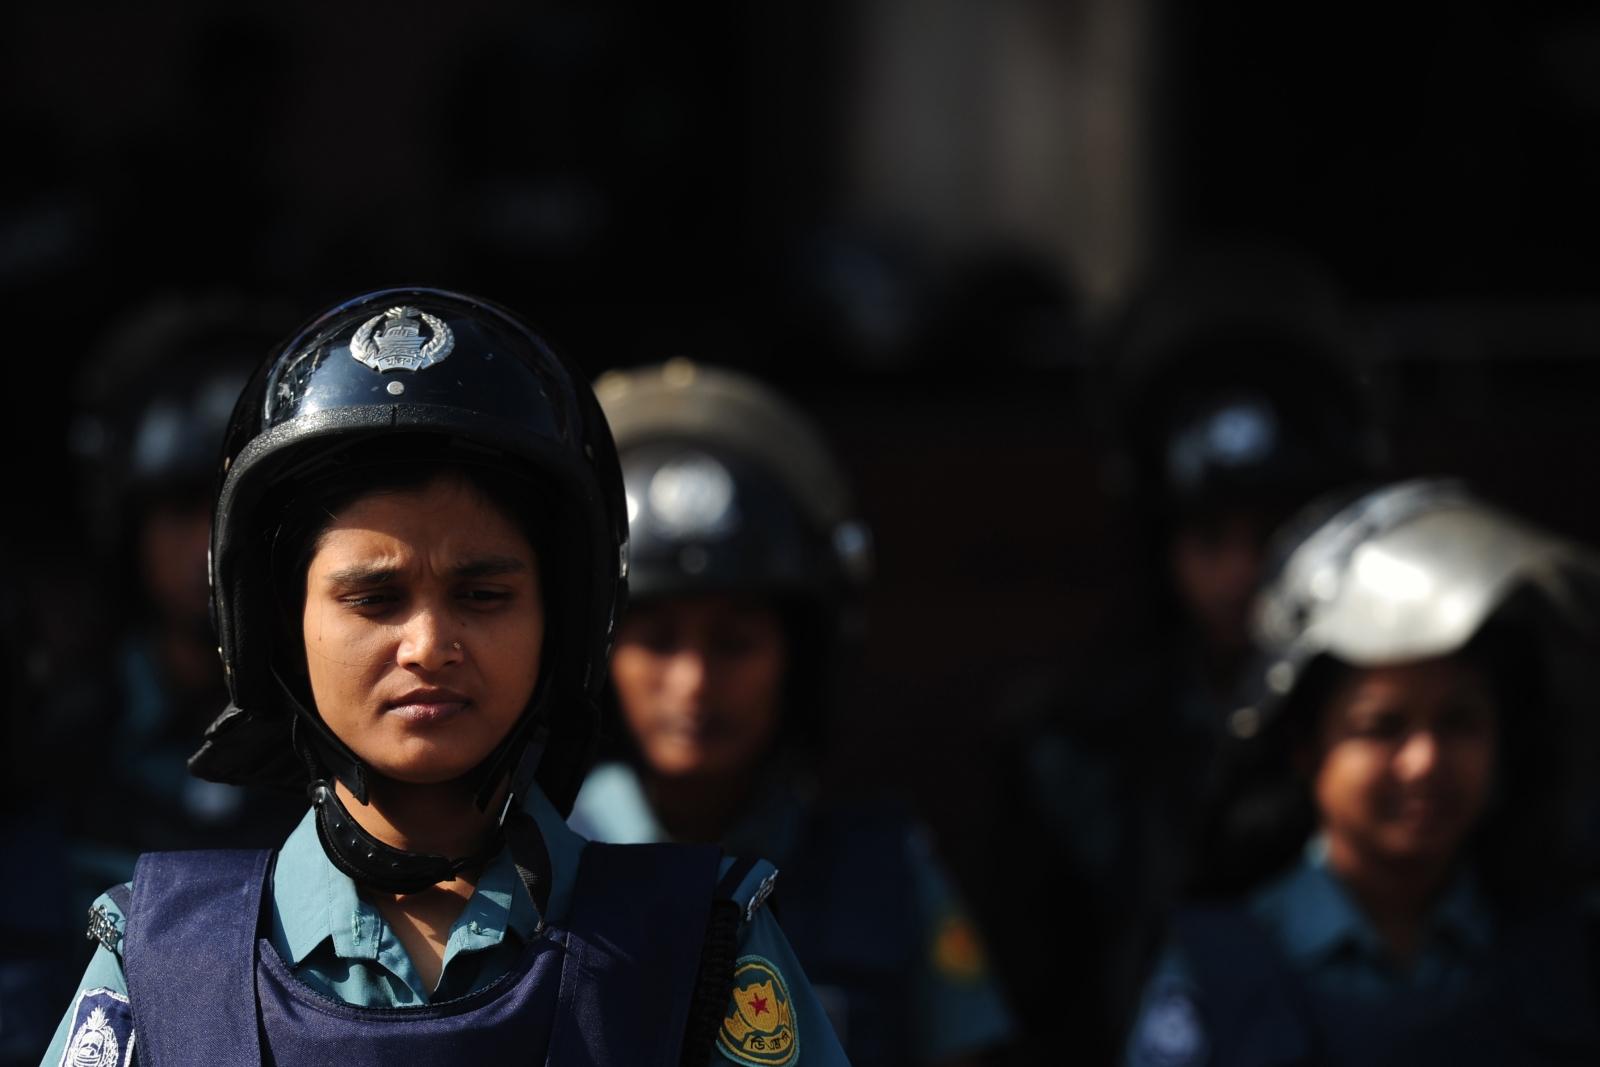 Bangladesh policewoman